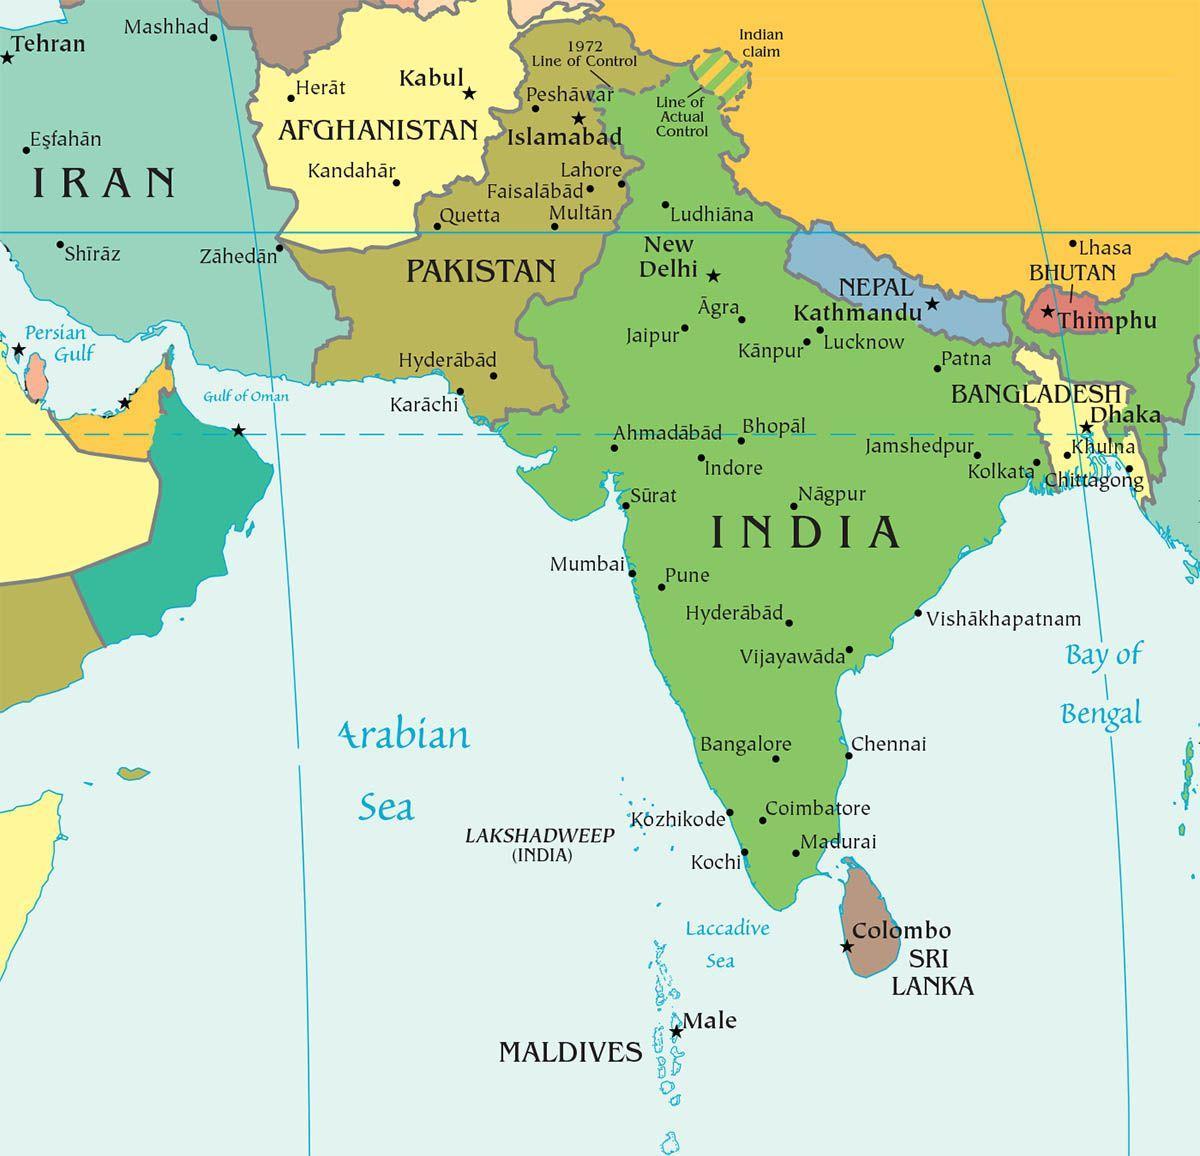 Страны Южной Азии | Лучшие страны Азии, в которые стоит поехать ради отдыха или путешествия - карты, список и краткое описание каждой страны. | Где начинается Азия и где в Азии стоит побывать | Путешествия по Азии AsiaPositive.com